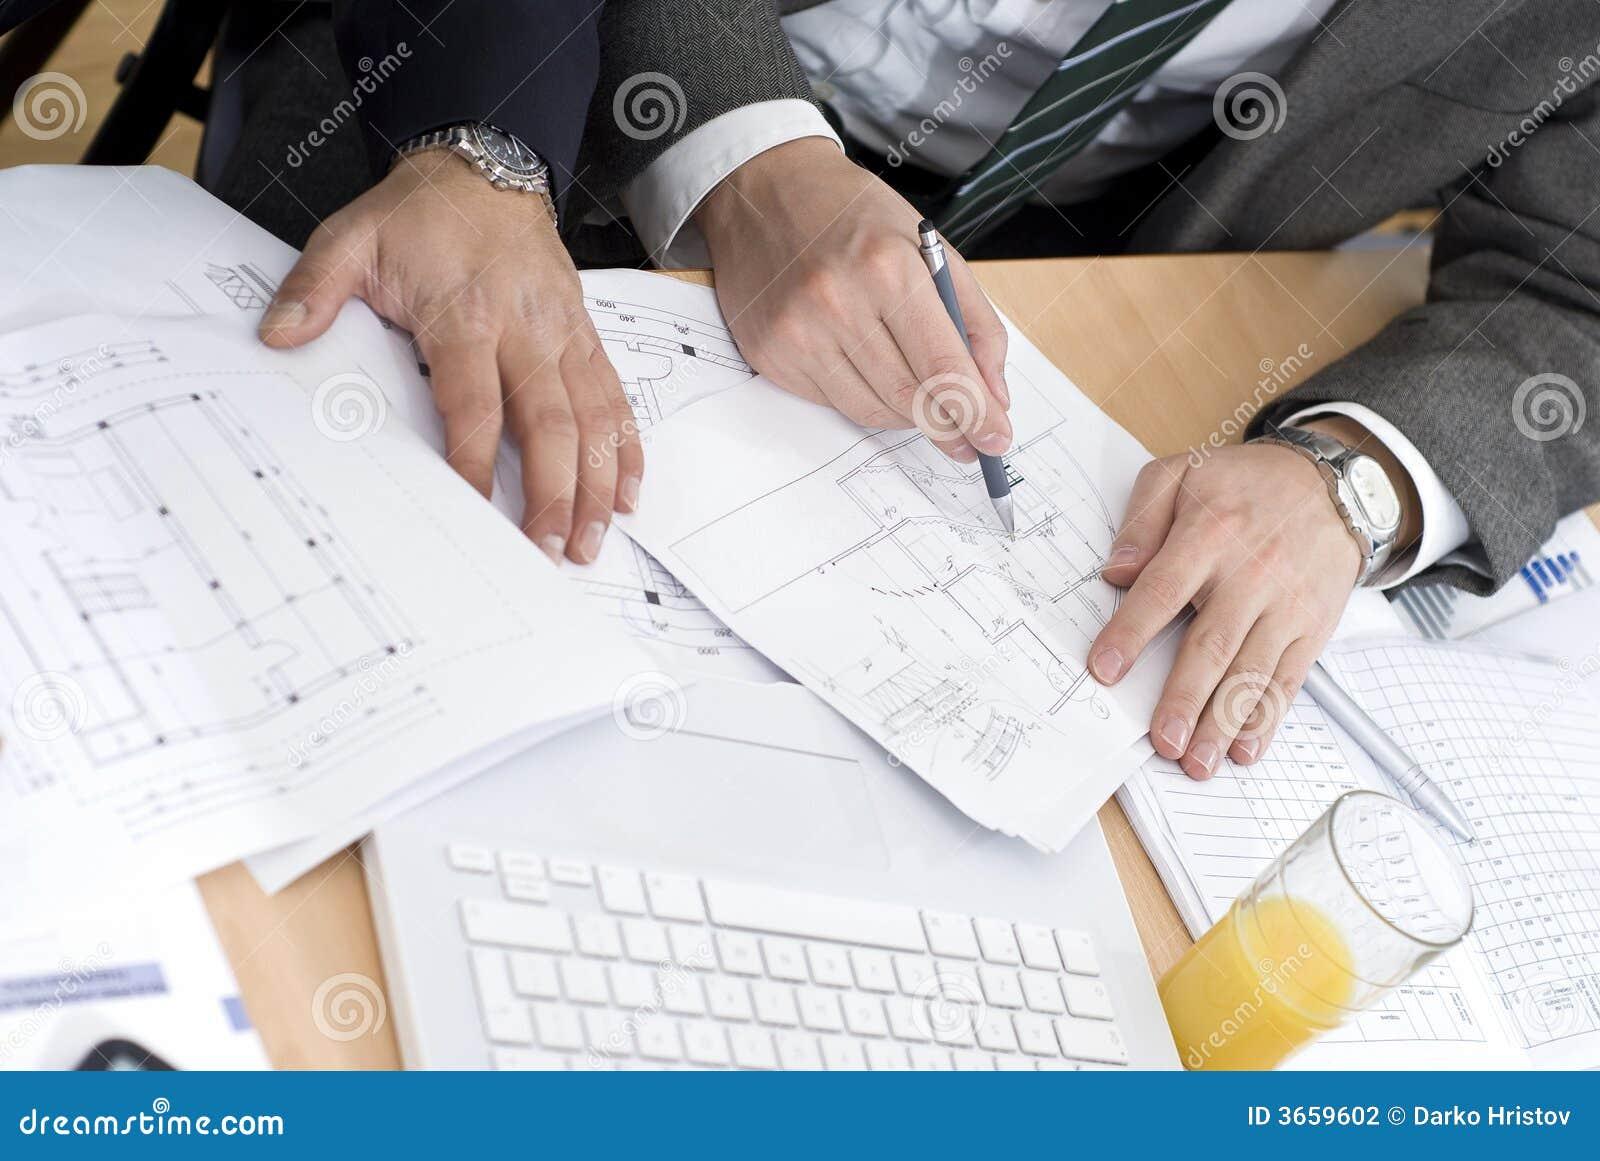 企业详细资料会议